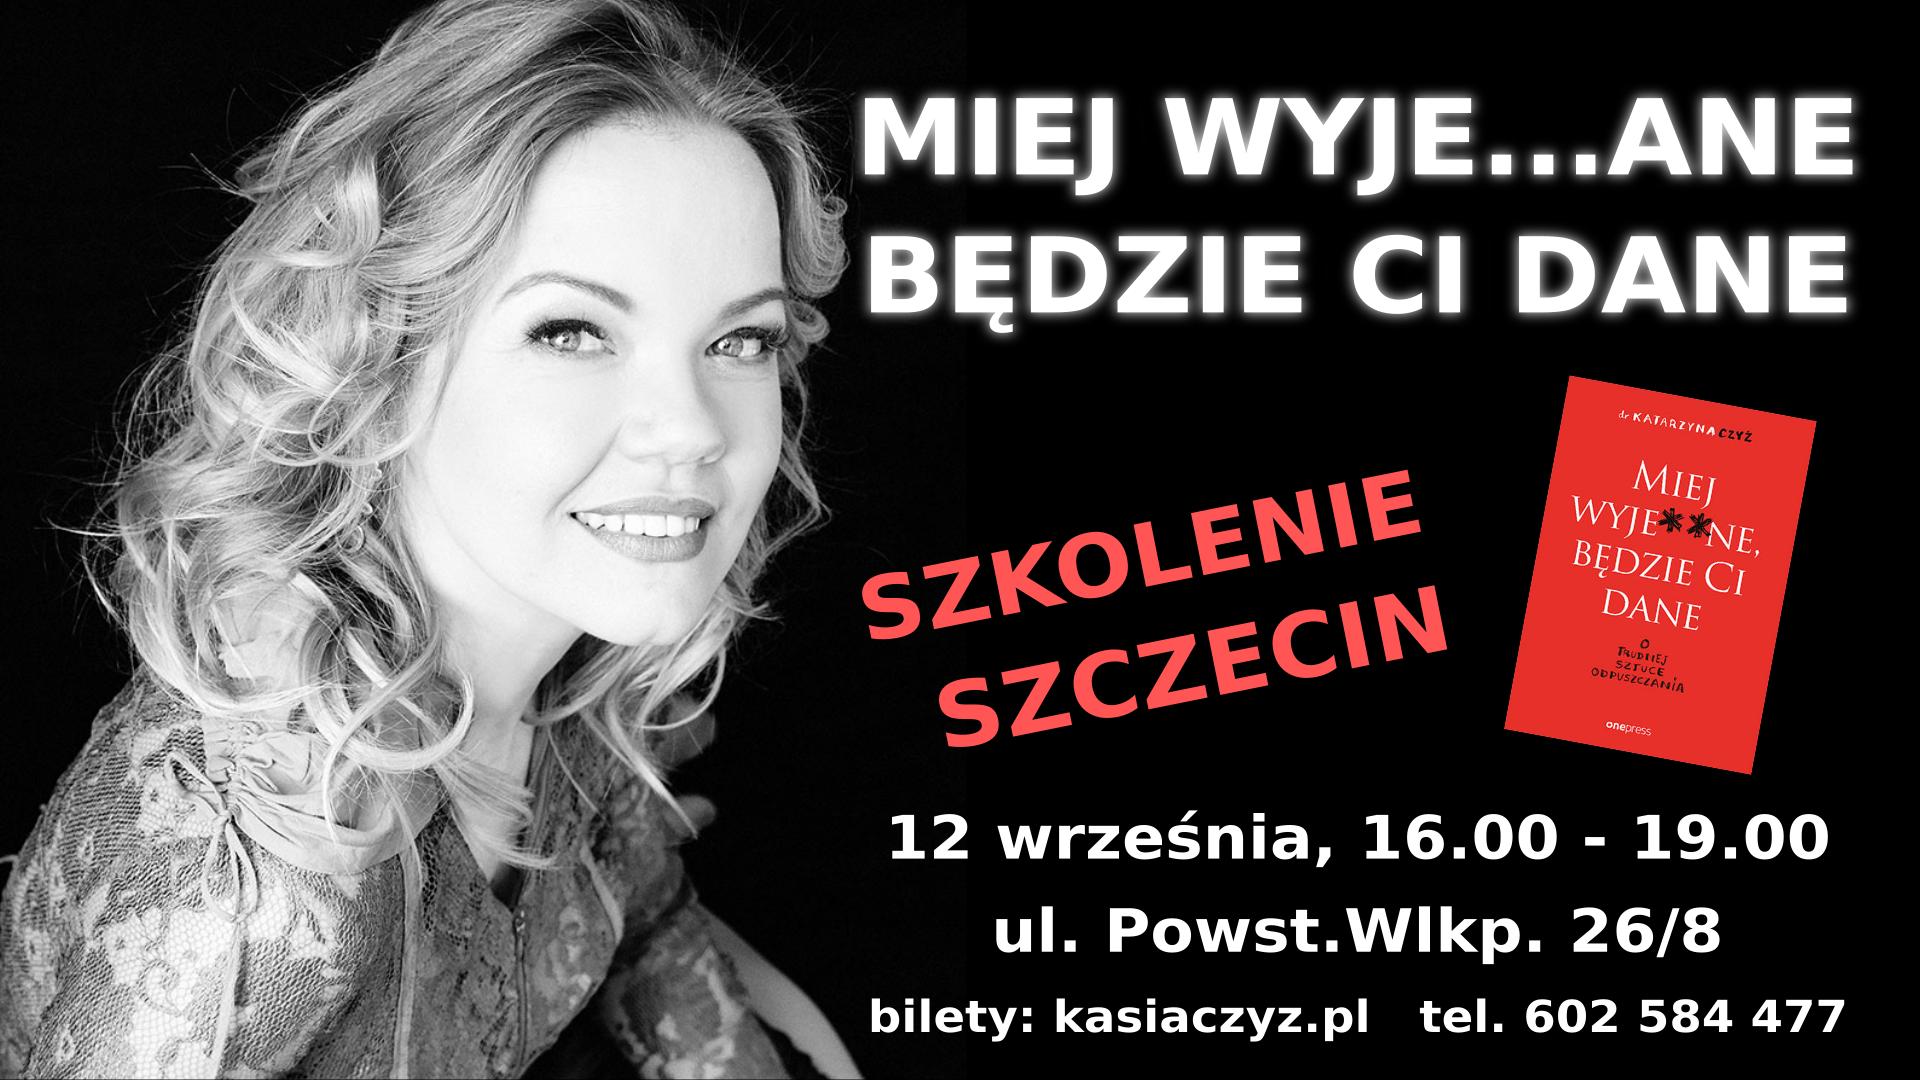 Miej wyja...ane Szczecin 12.09